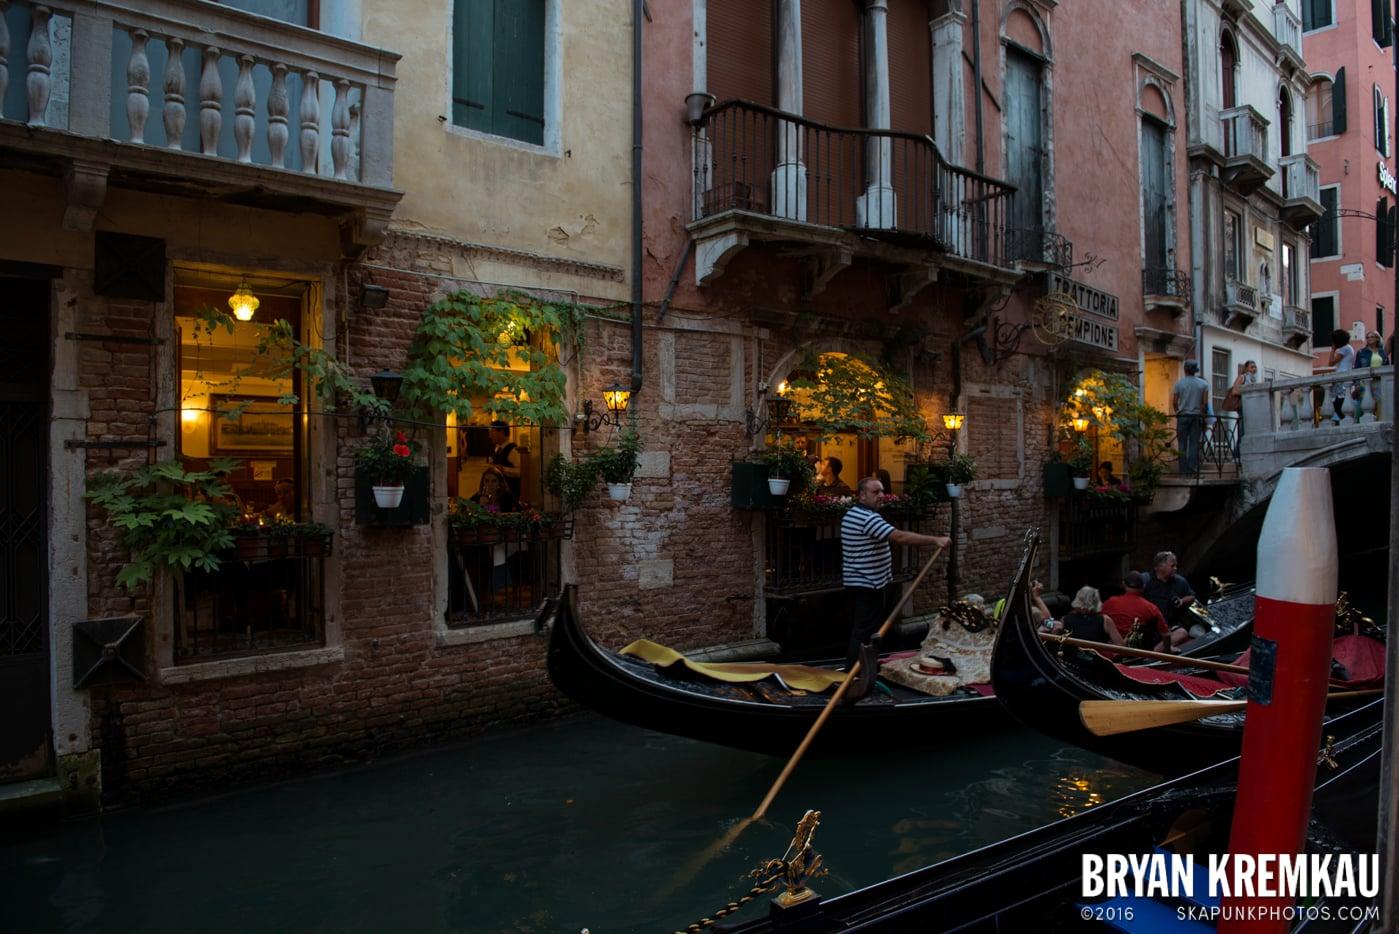 Italy Vacation - Day 5: Venice - 9.13.13 (4)